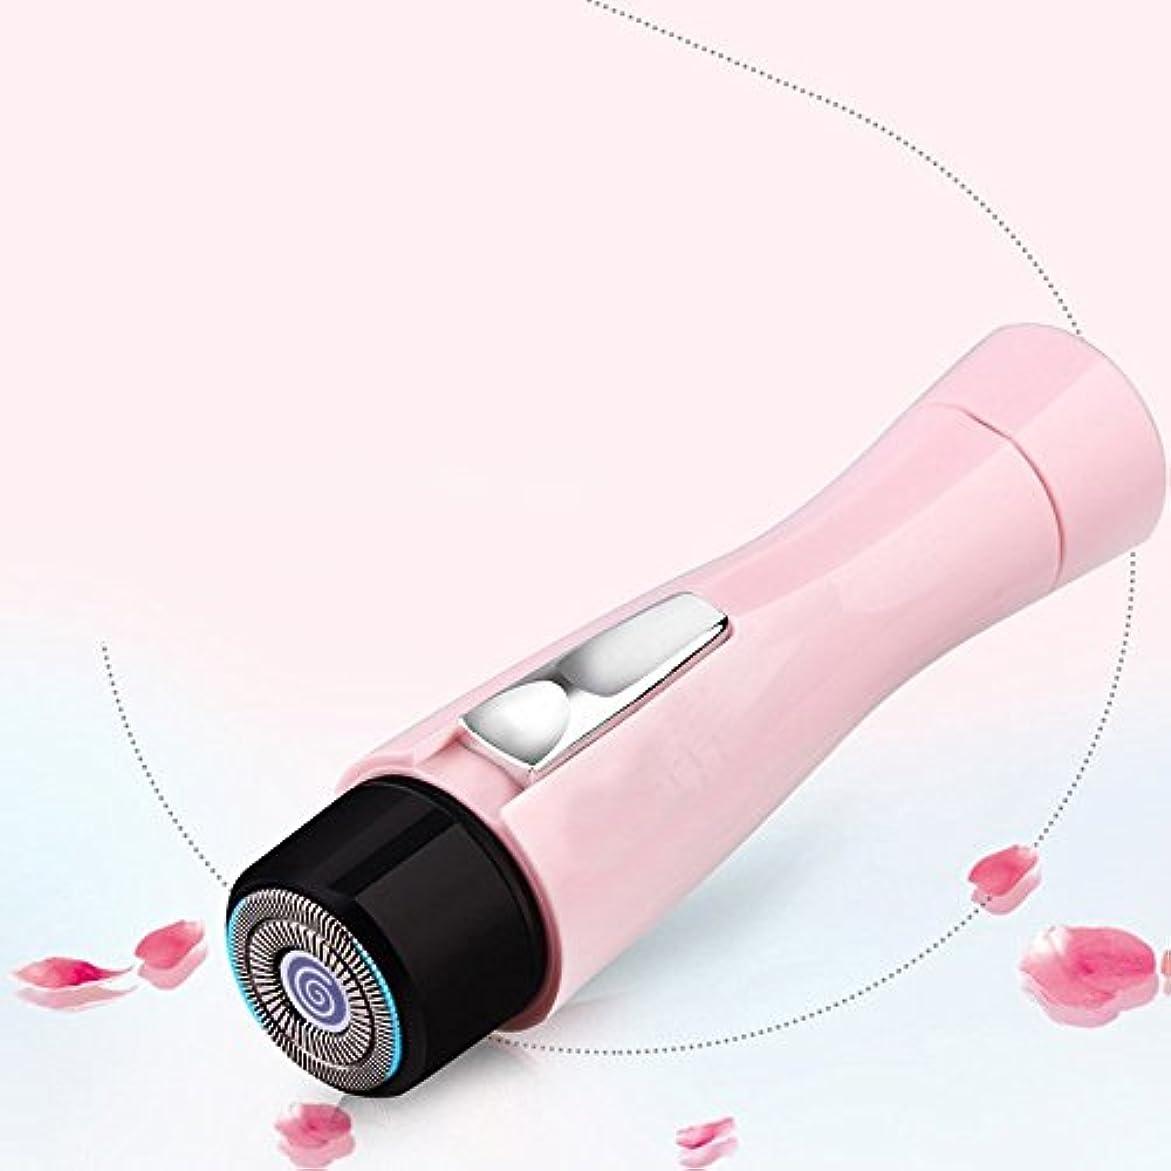 前提雪に関してMini Electric Shaver, Inbeauty Painless Hair Remover Hair Epilator makeup brush Bikini Trimmer Facial Hair Removal...